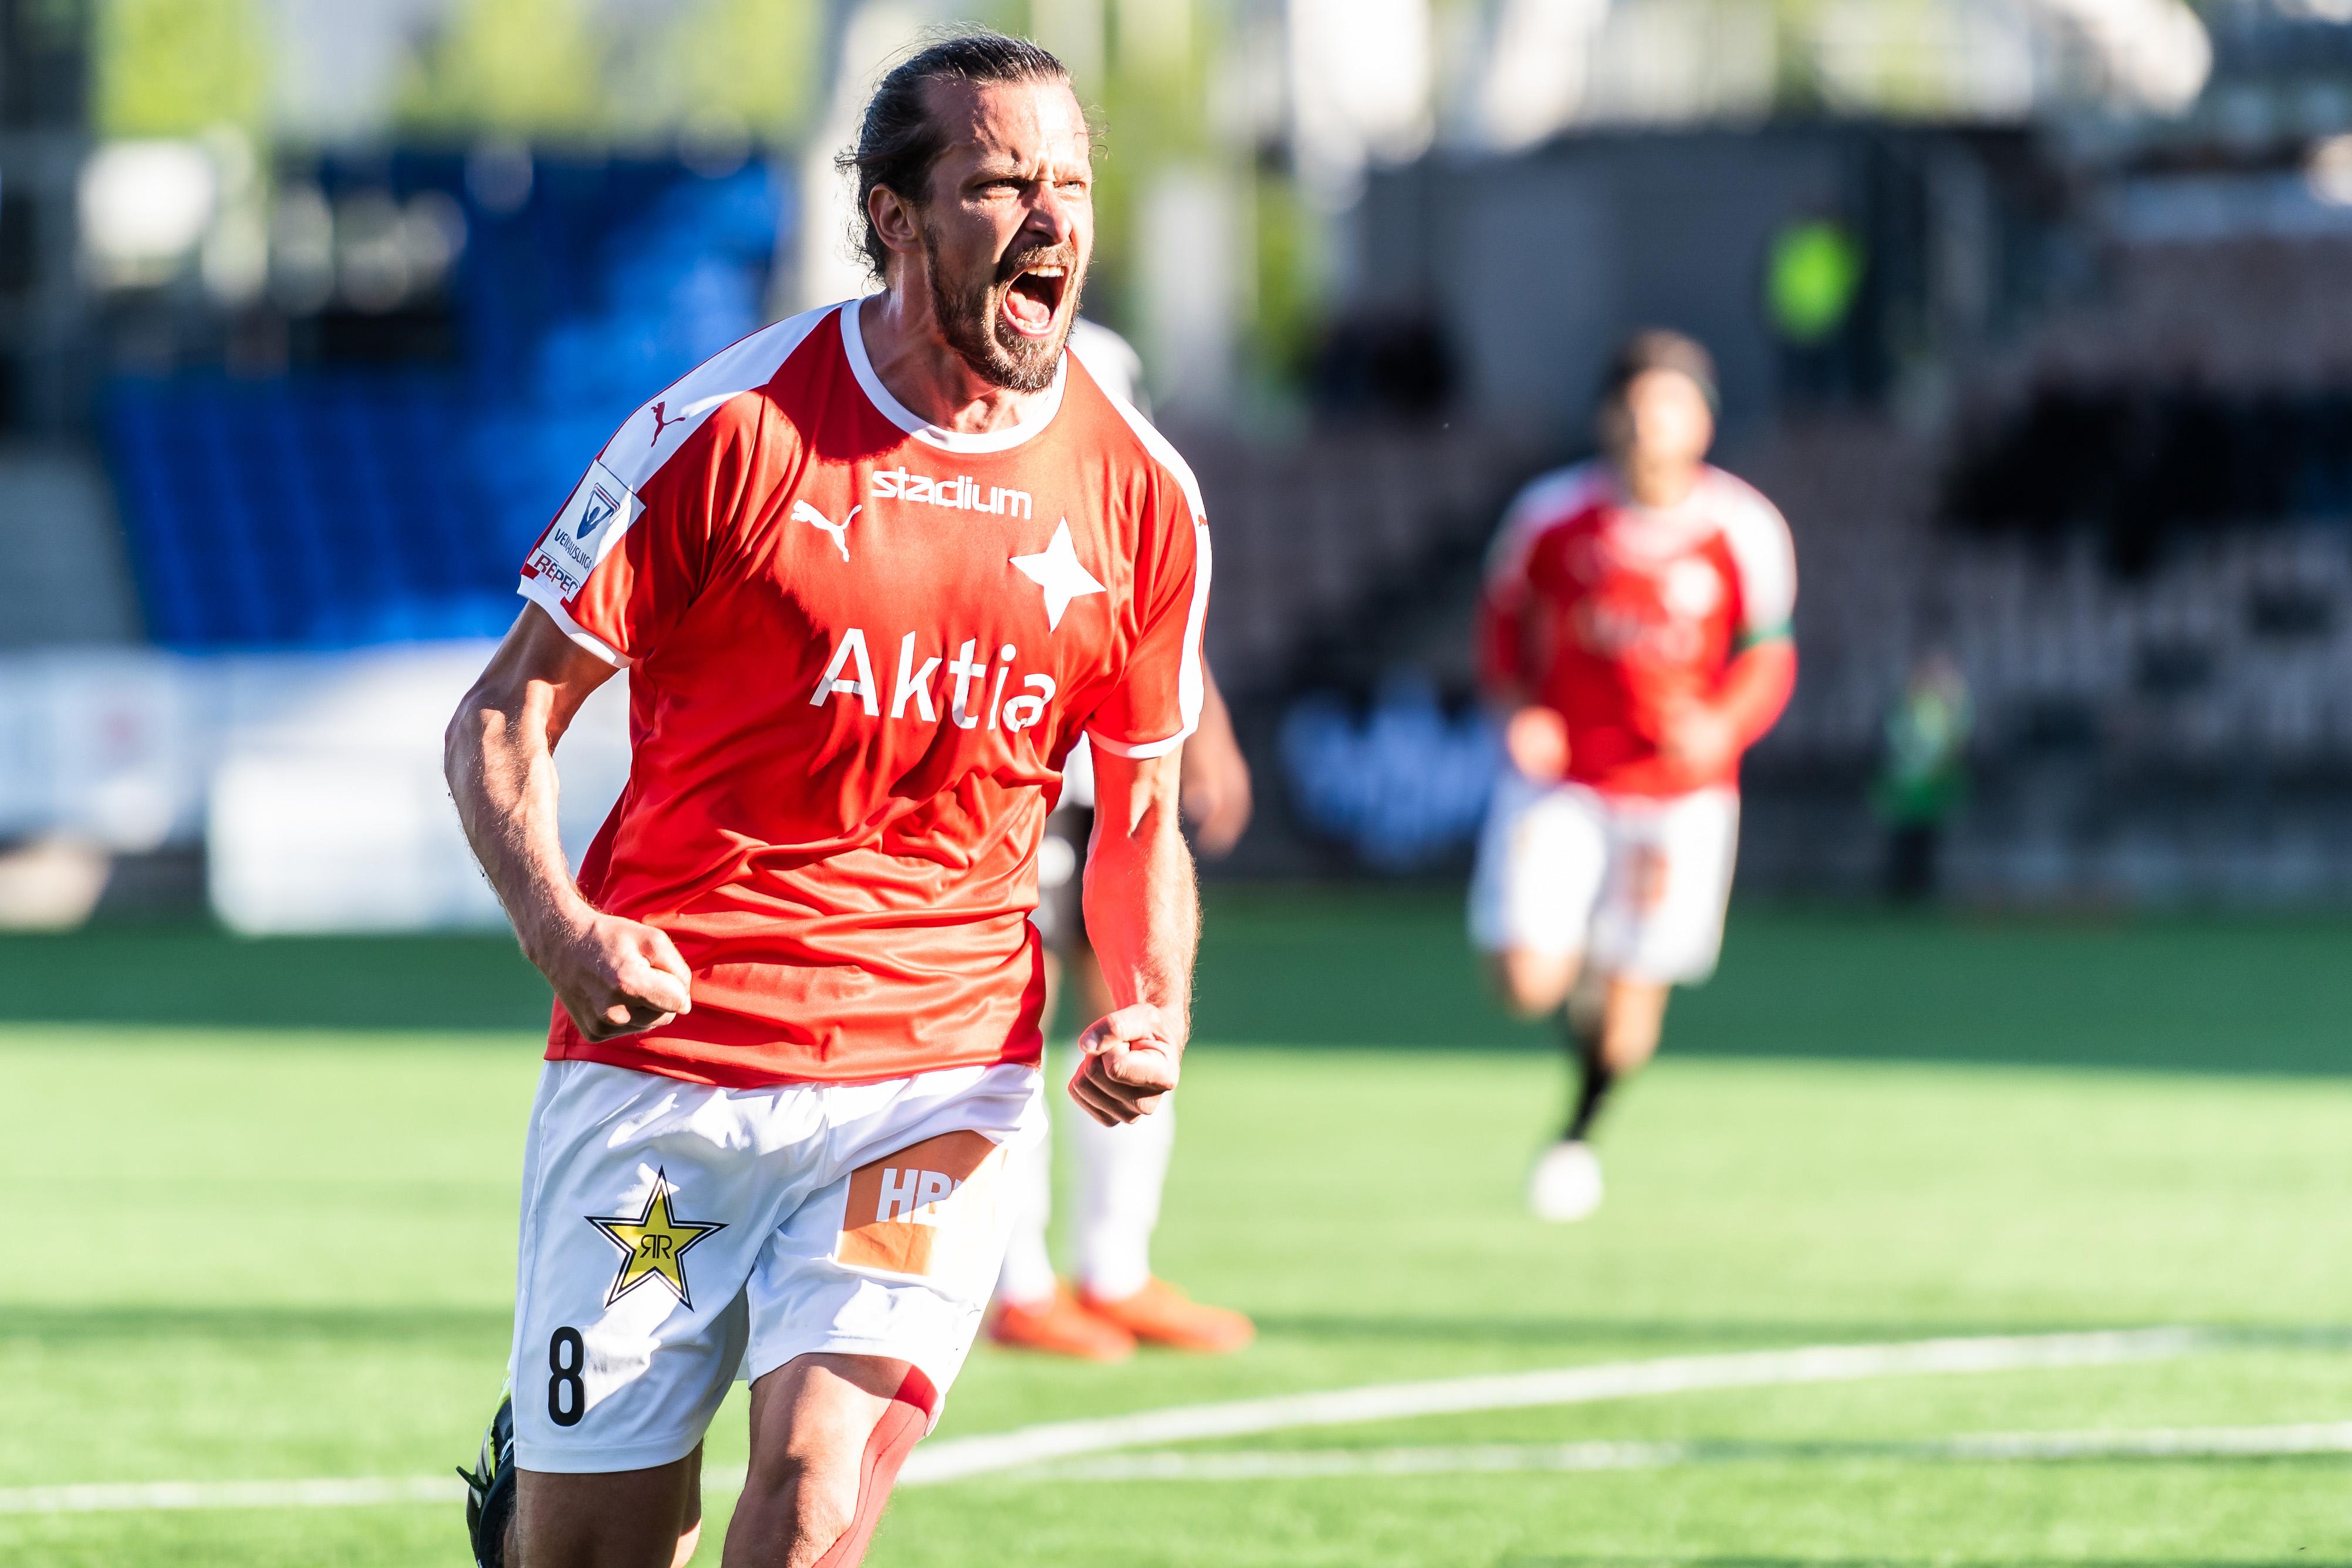 Otteluraportti: HIFK voittoon kuuden pisteen ottelussa